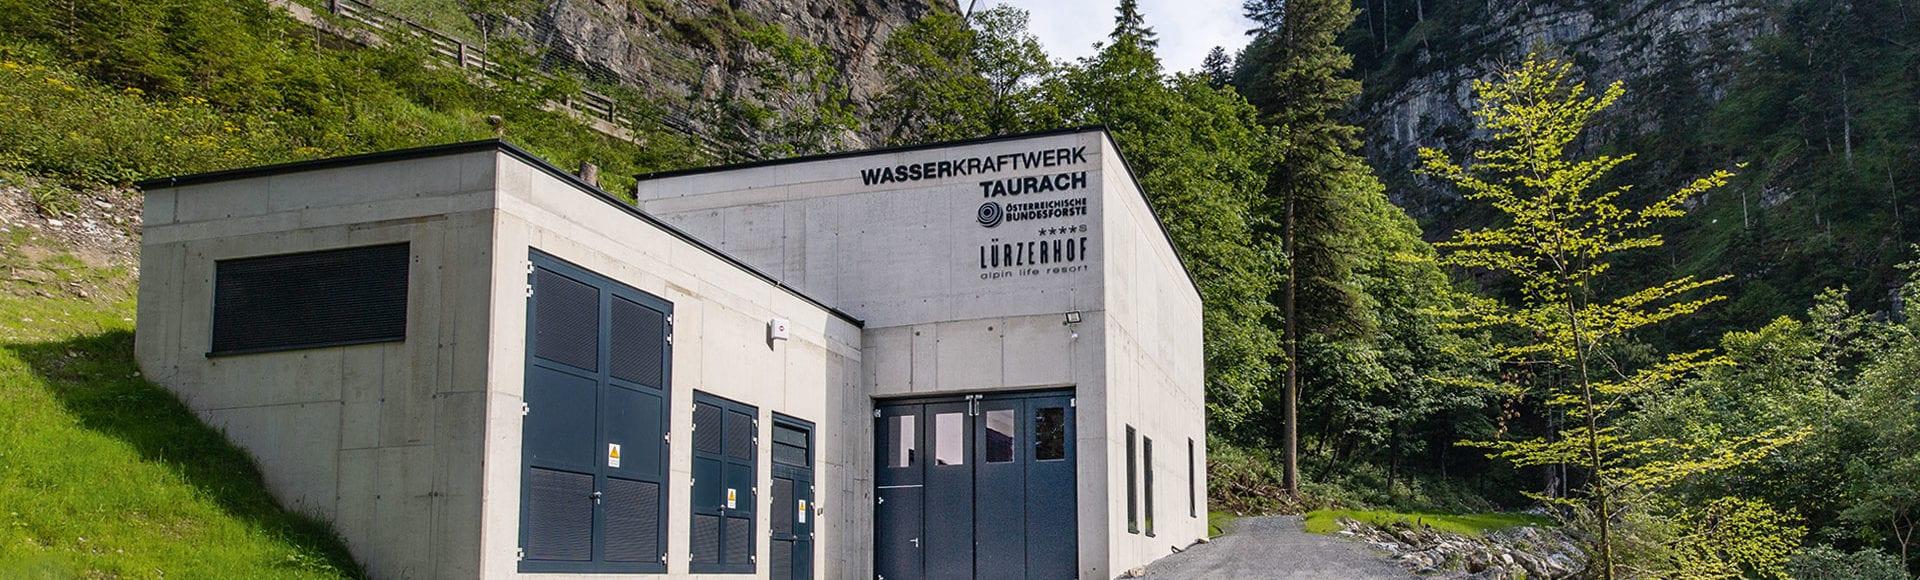 Eigenes Wasserkraftwerk - Hotel mit Nachhaltigkeit